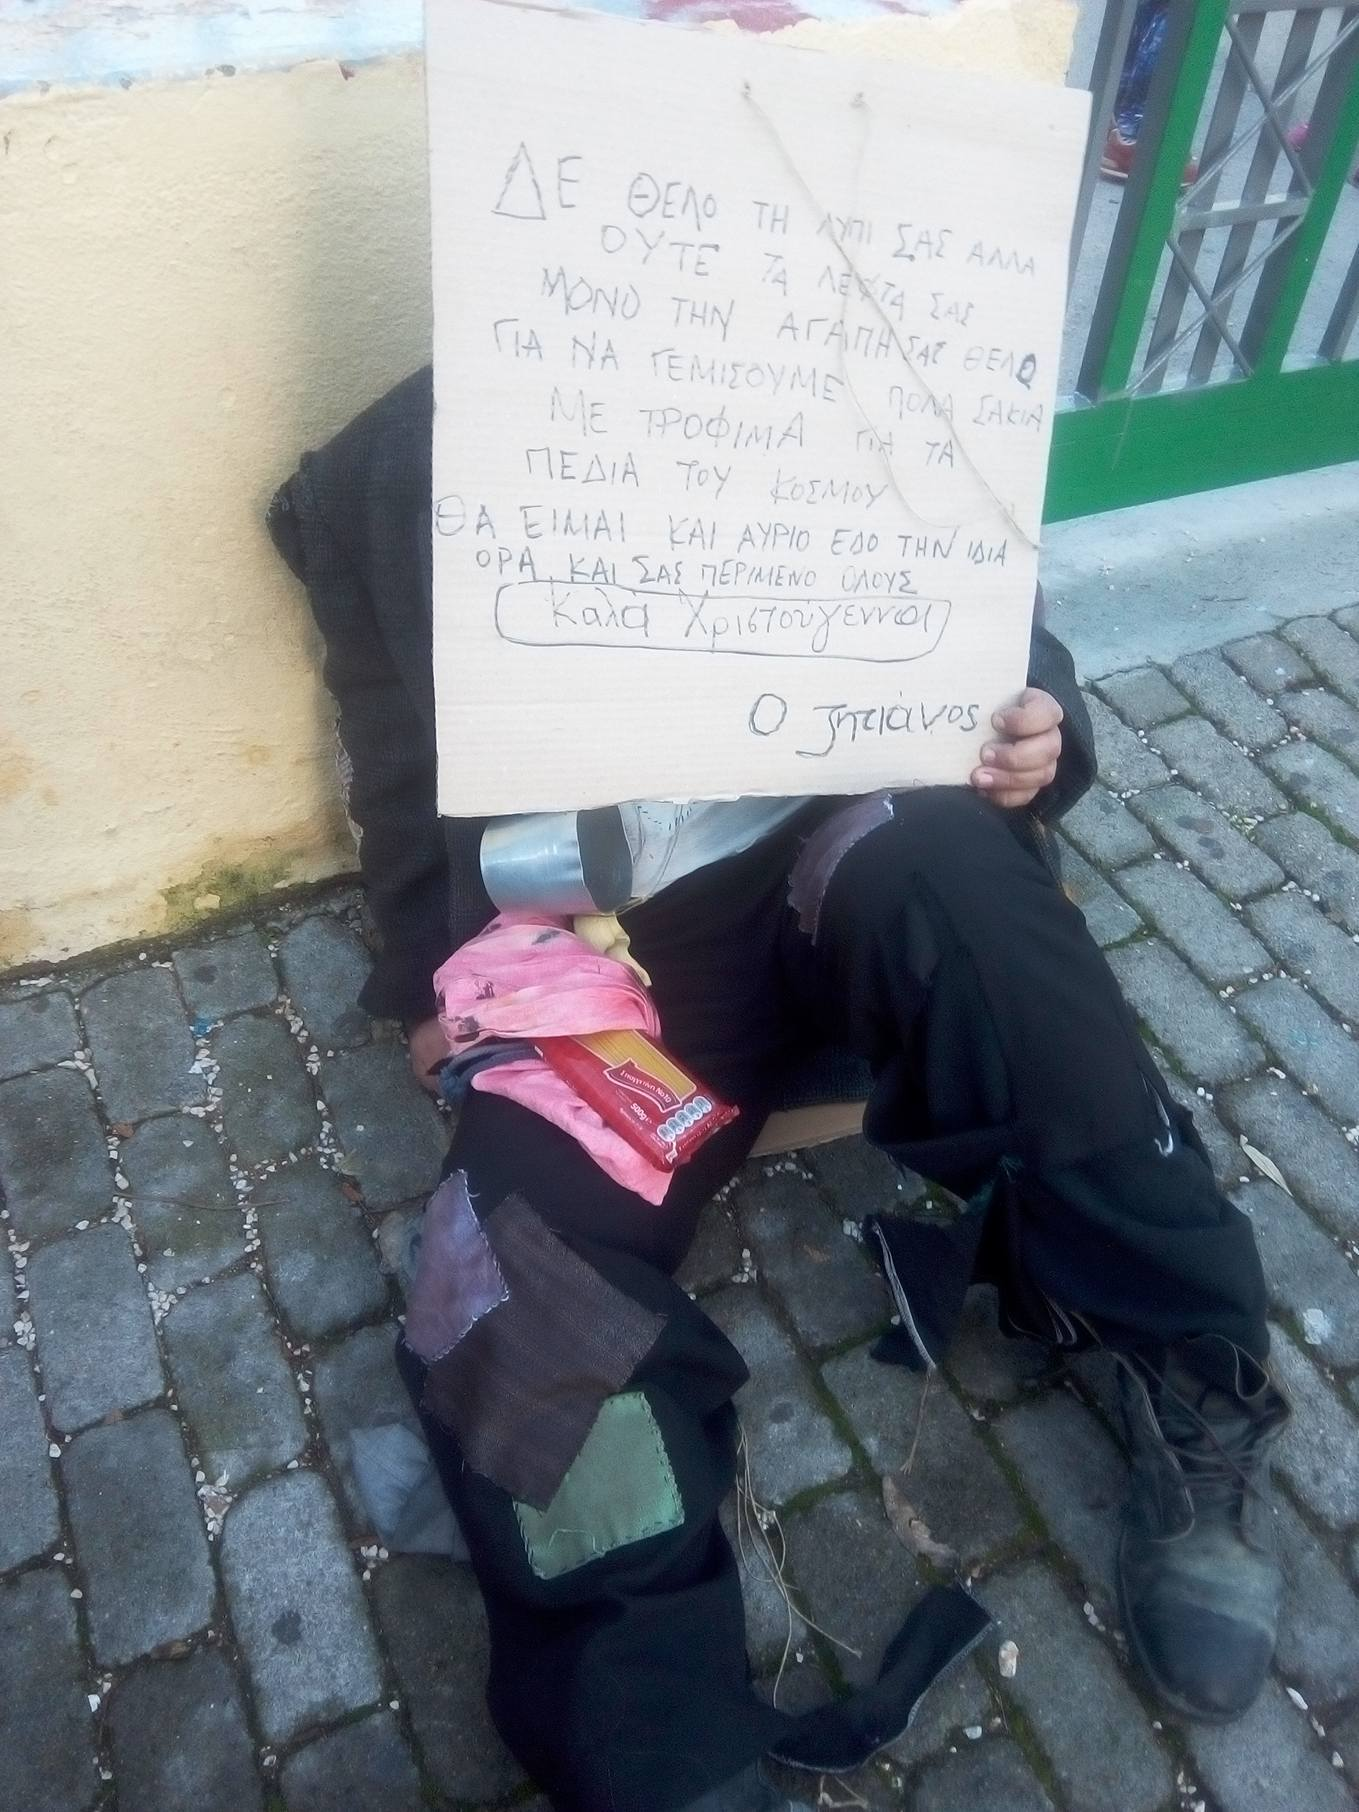 Δάσκαλος στην Καλαμάτα μεταμφιέστηκε σε ζητιάνο! Πως αντέδρασαν οι μαθητές του